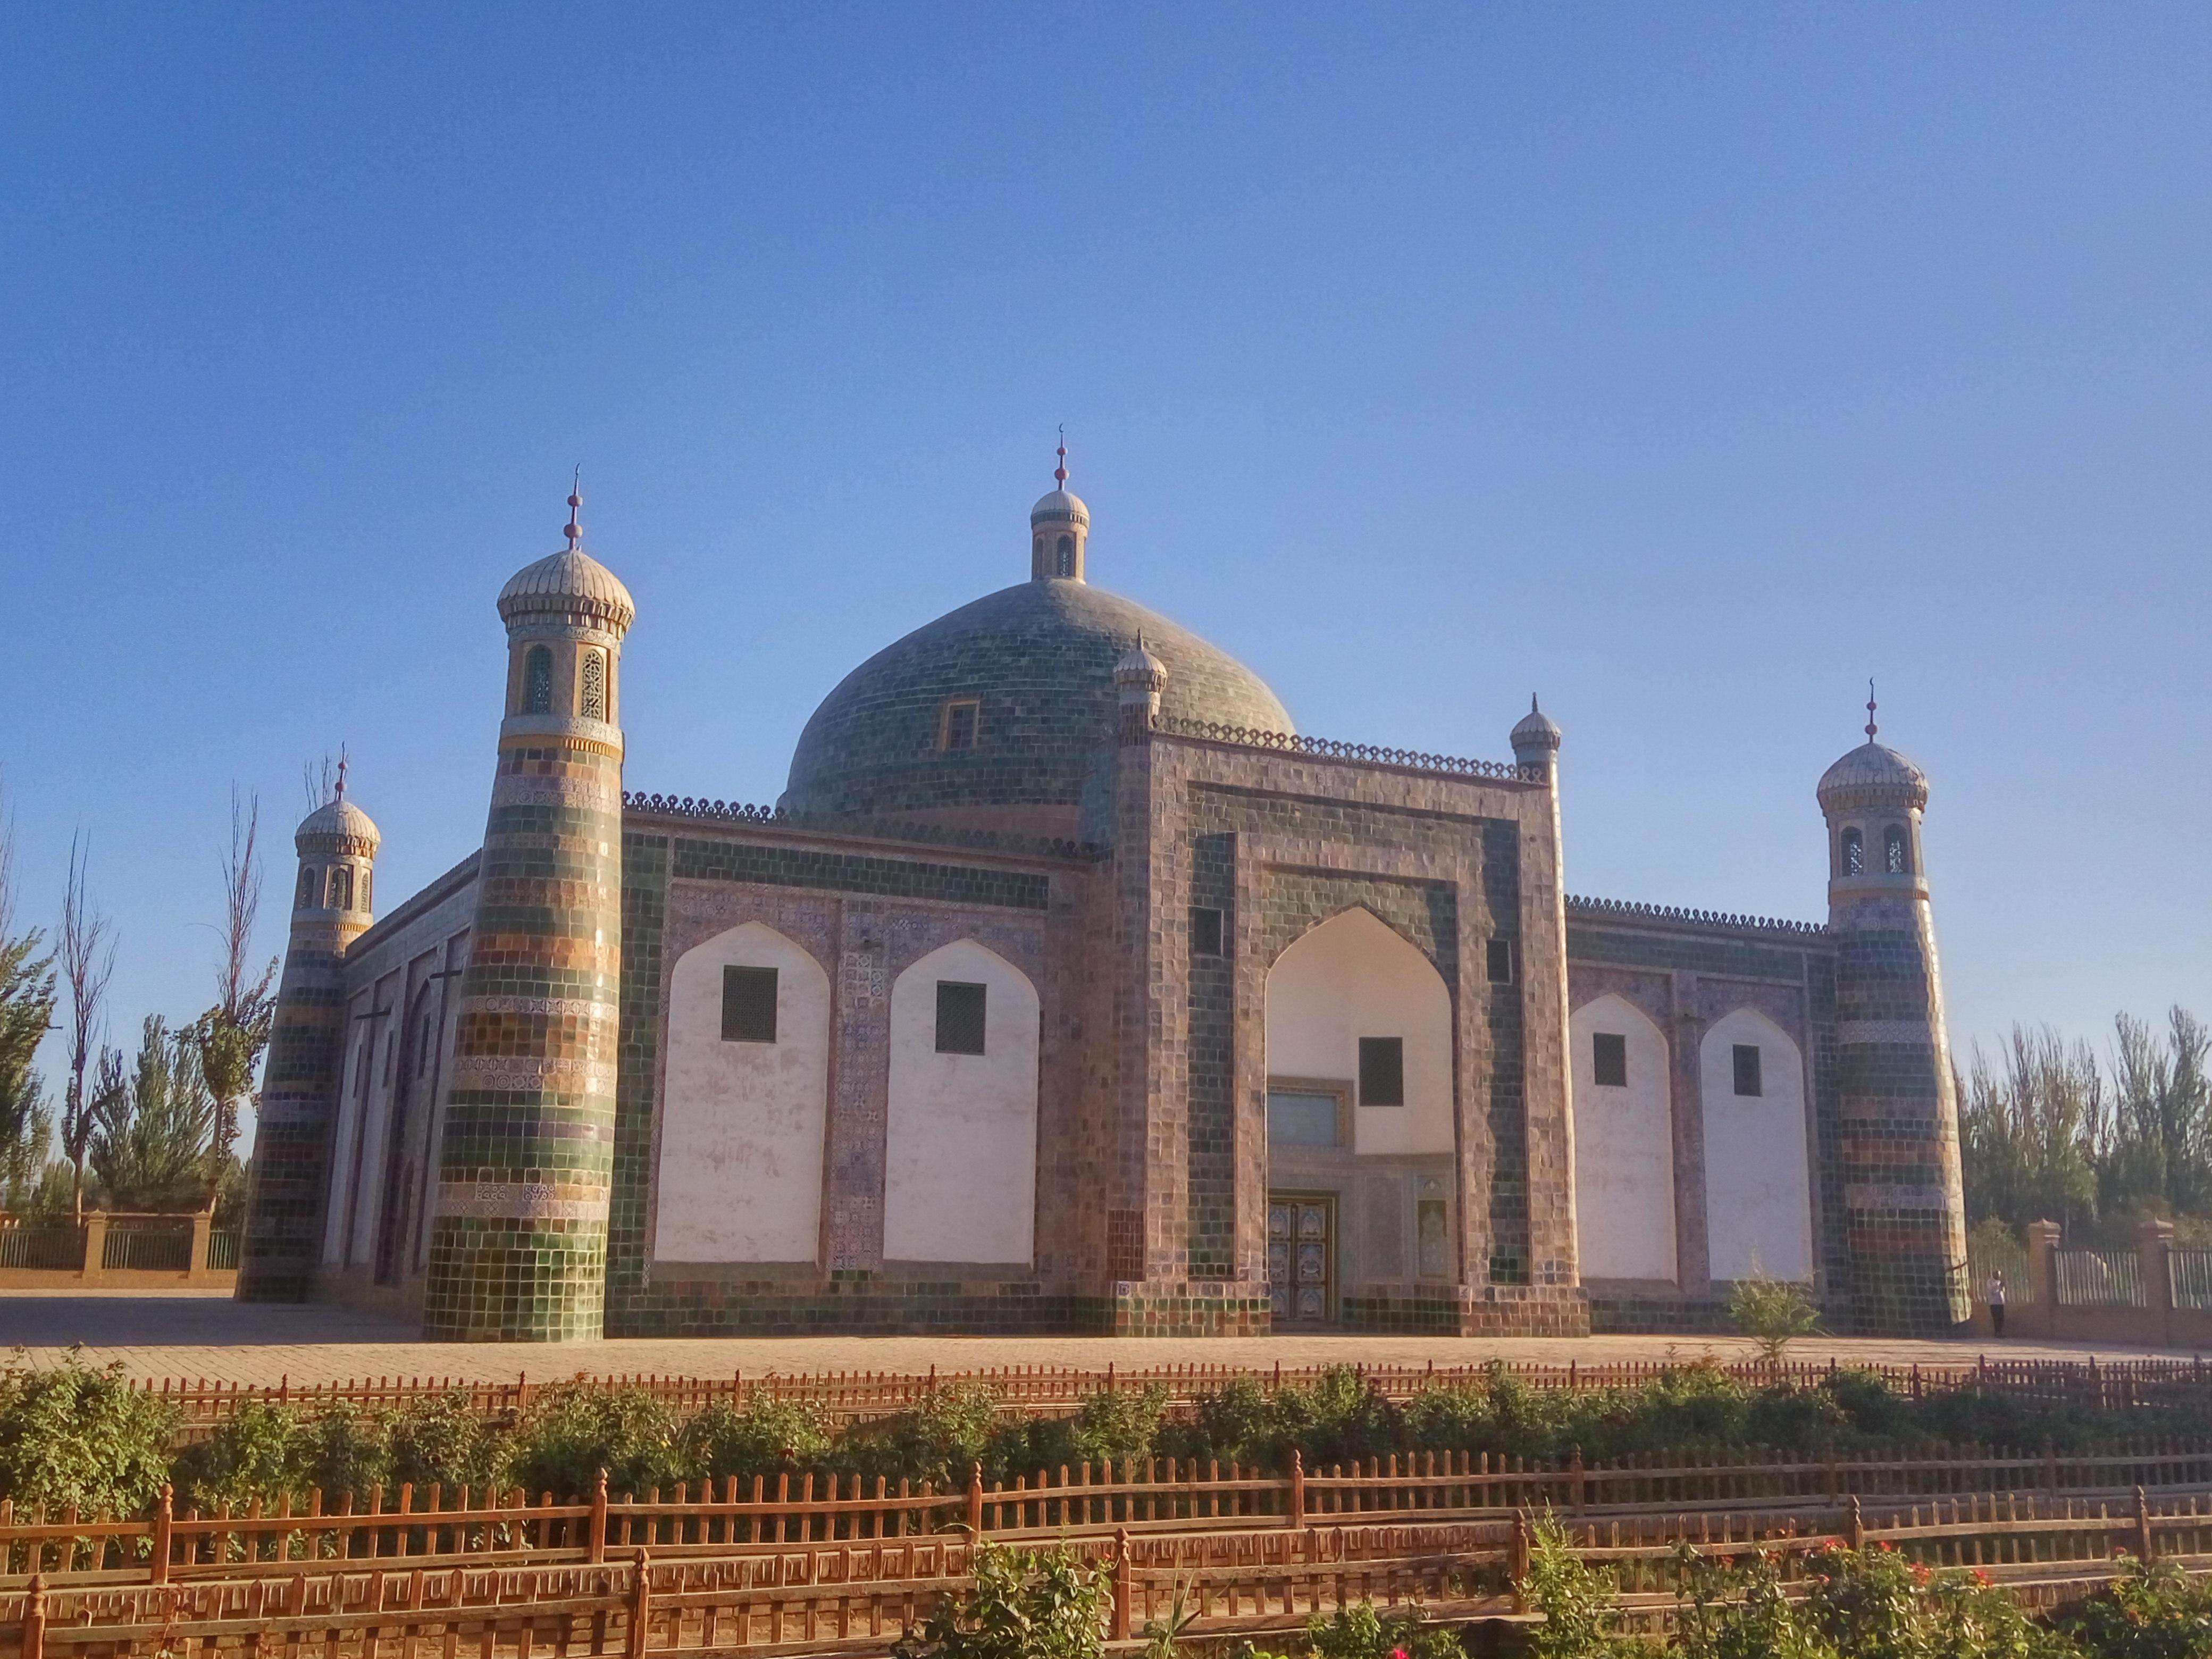 【携程攻略】喀什市香妃墓好玩吗,喀什市香妃墓景点样图片